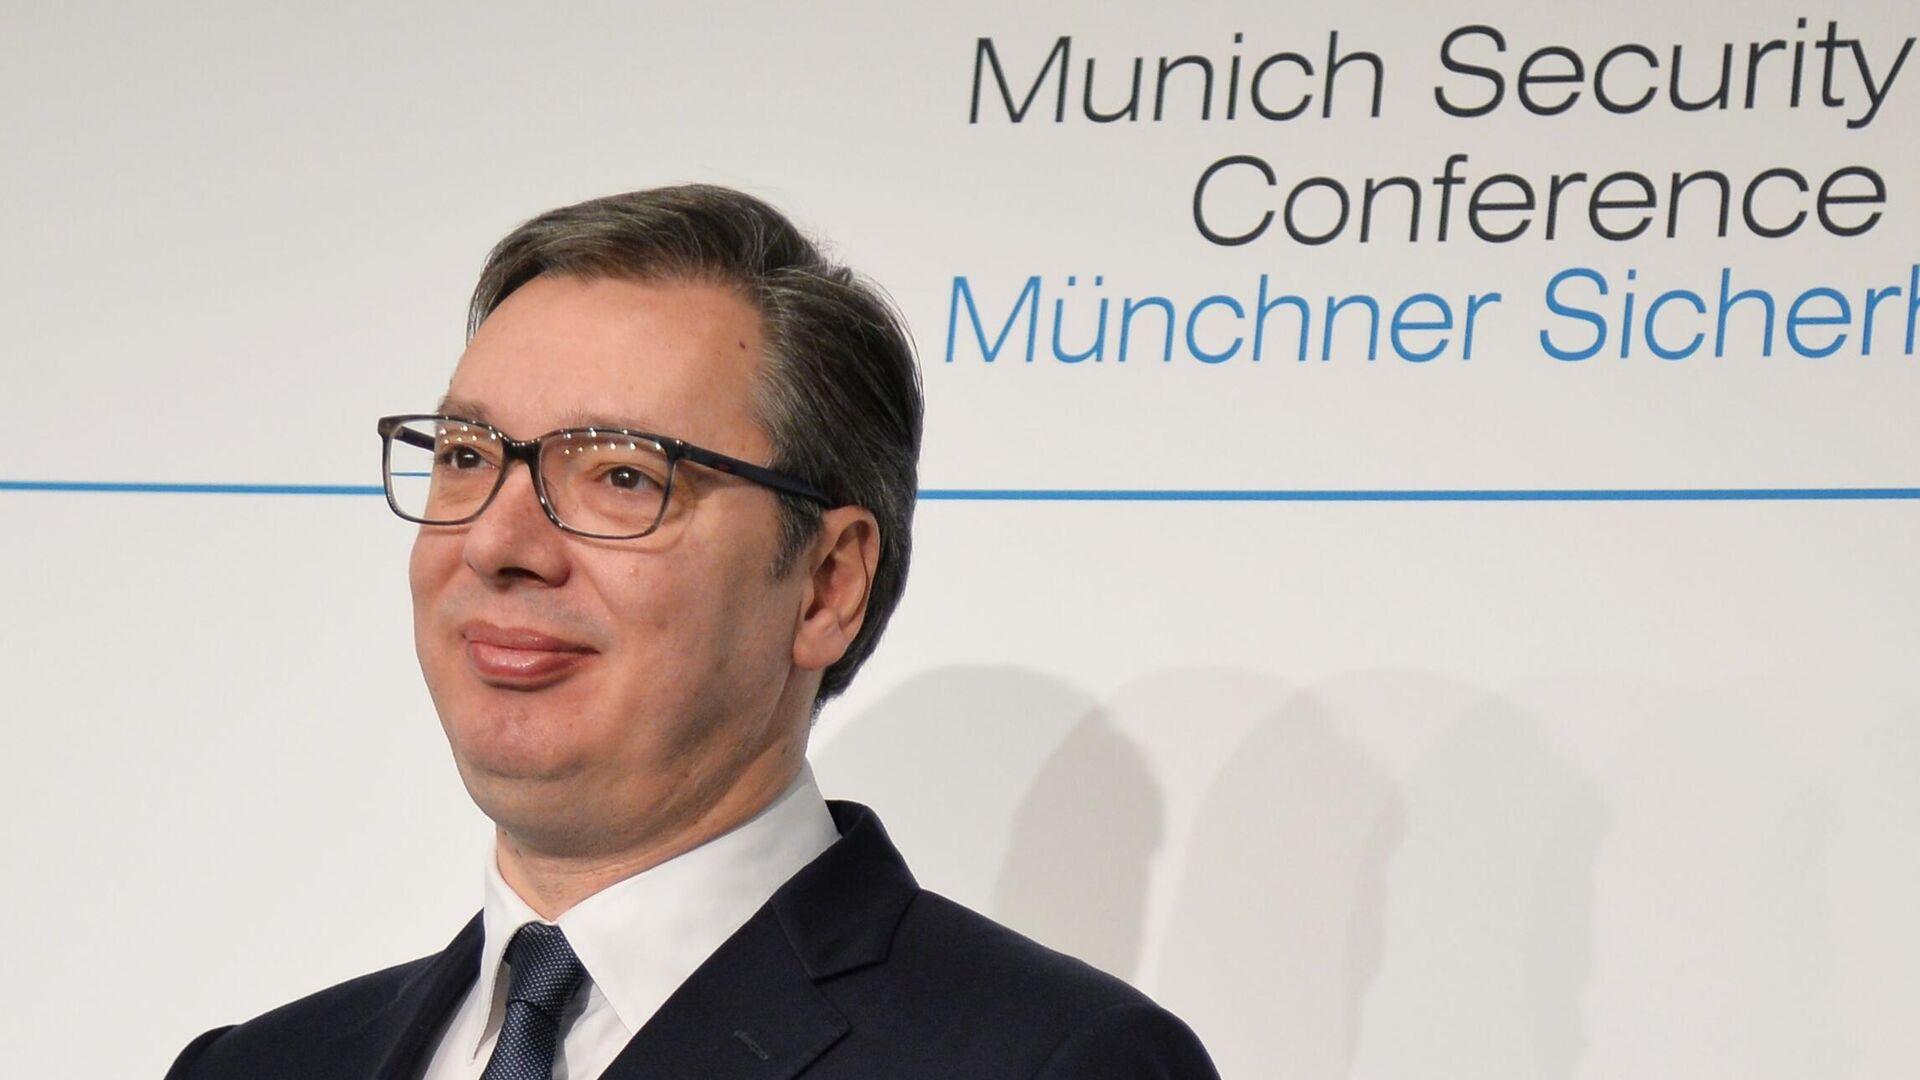 Президент Сербии Александр Вучич на Мюнхенской конференции по безопасности - РИА Новости, 1920, 16.01.2021